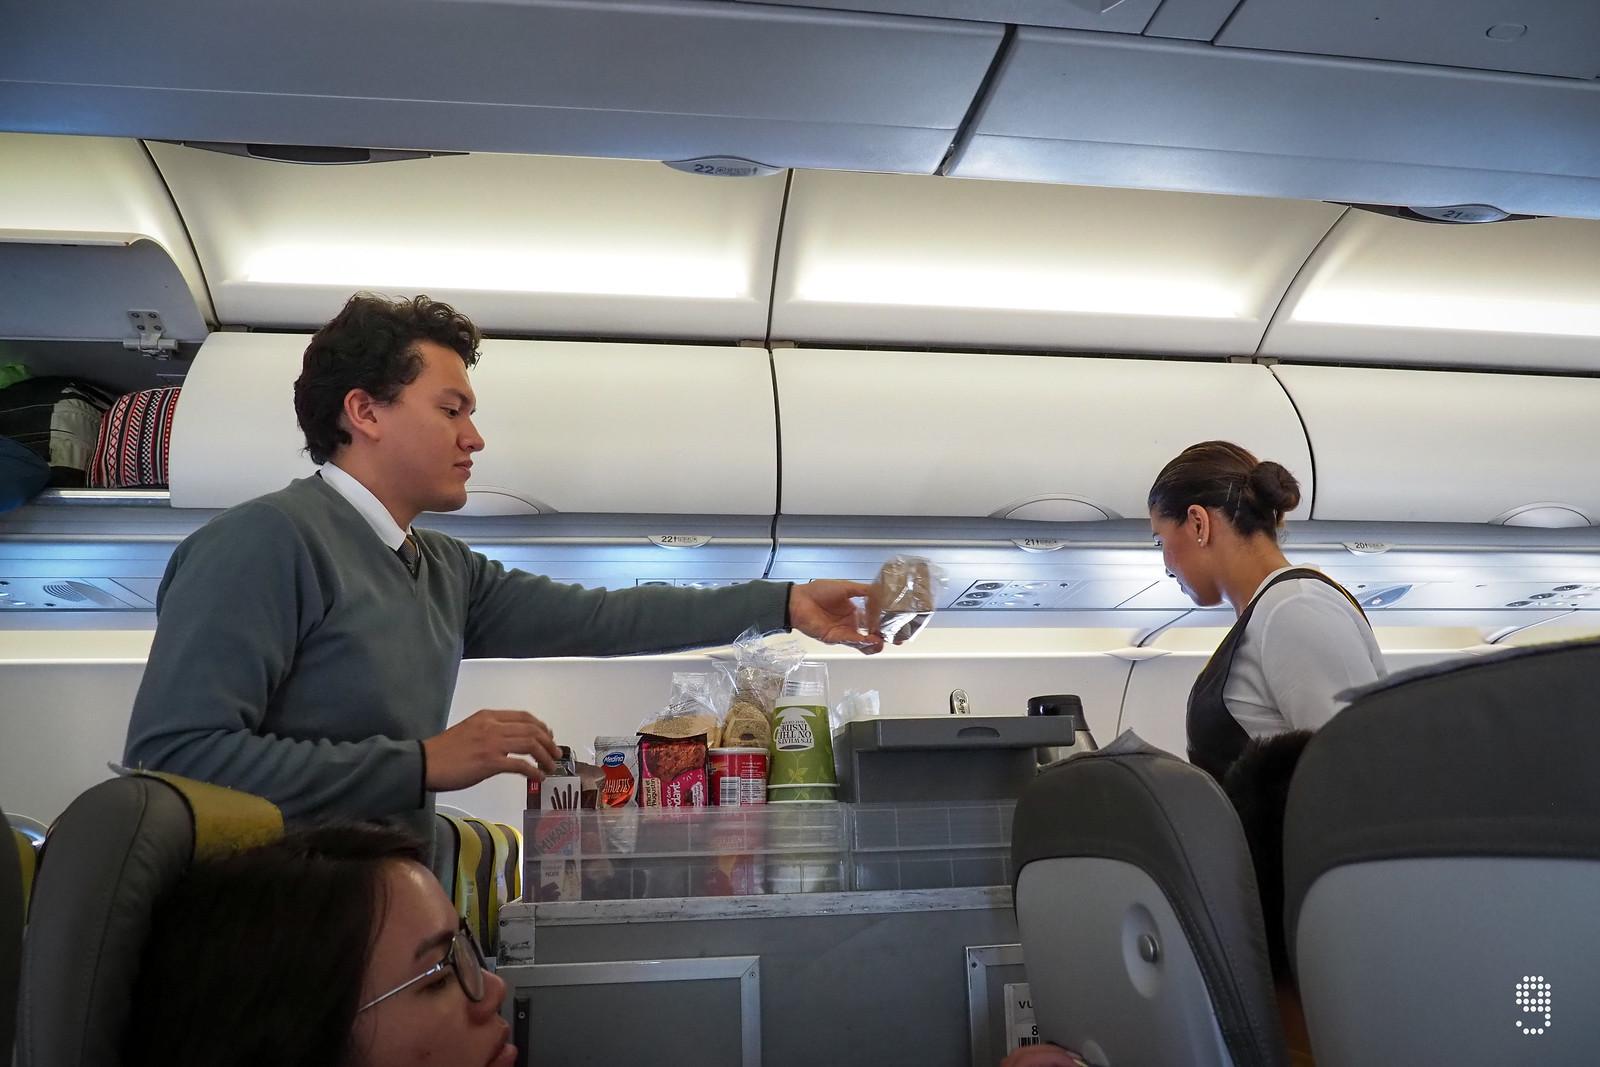 航班上空服人員忙著提供簡單的輕食給乘客